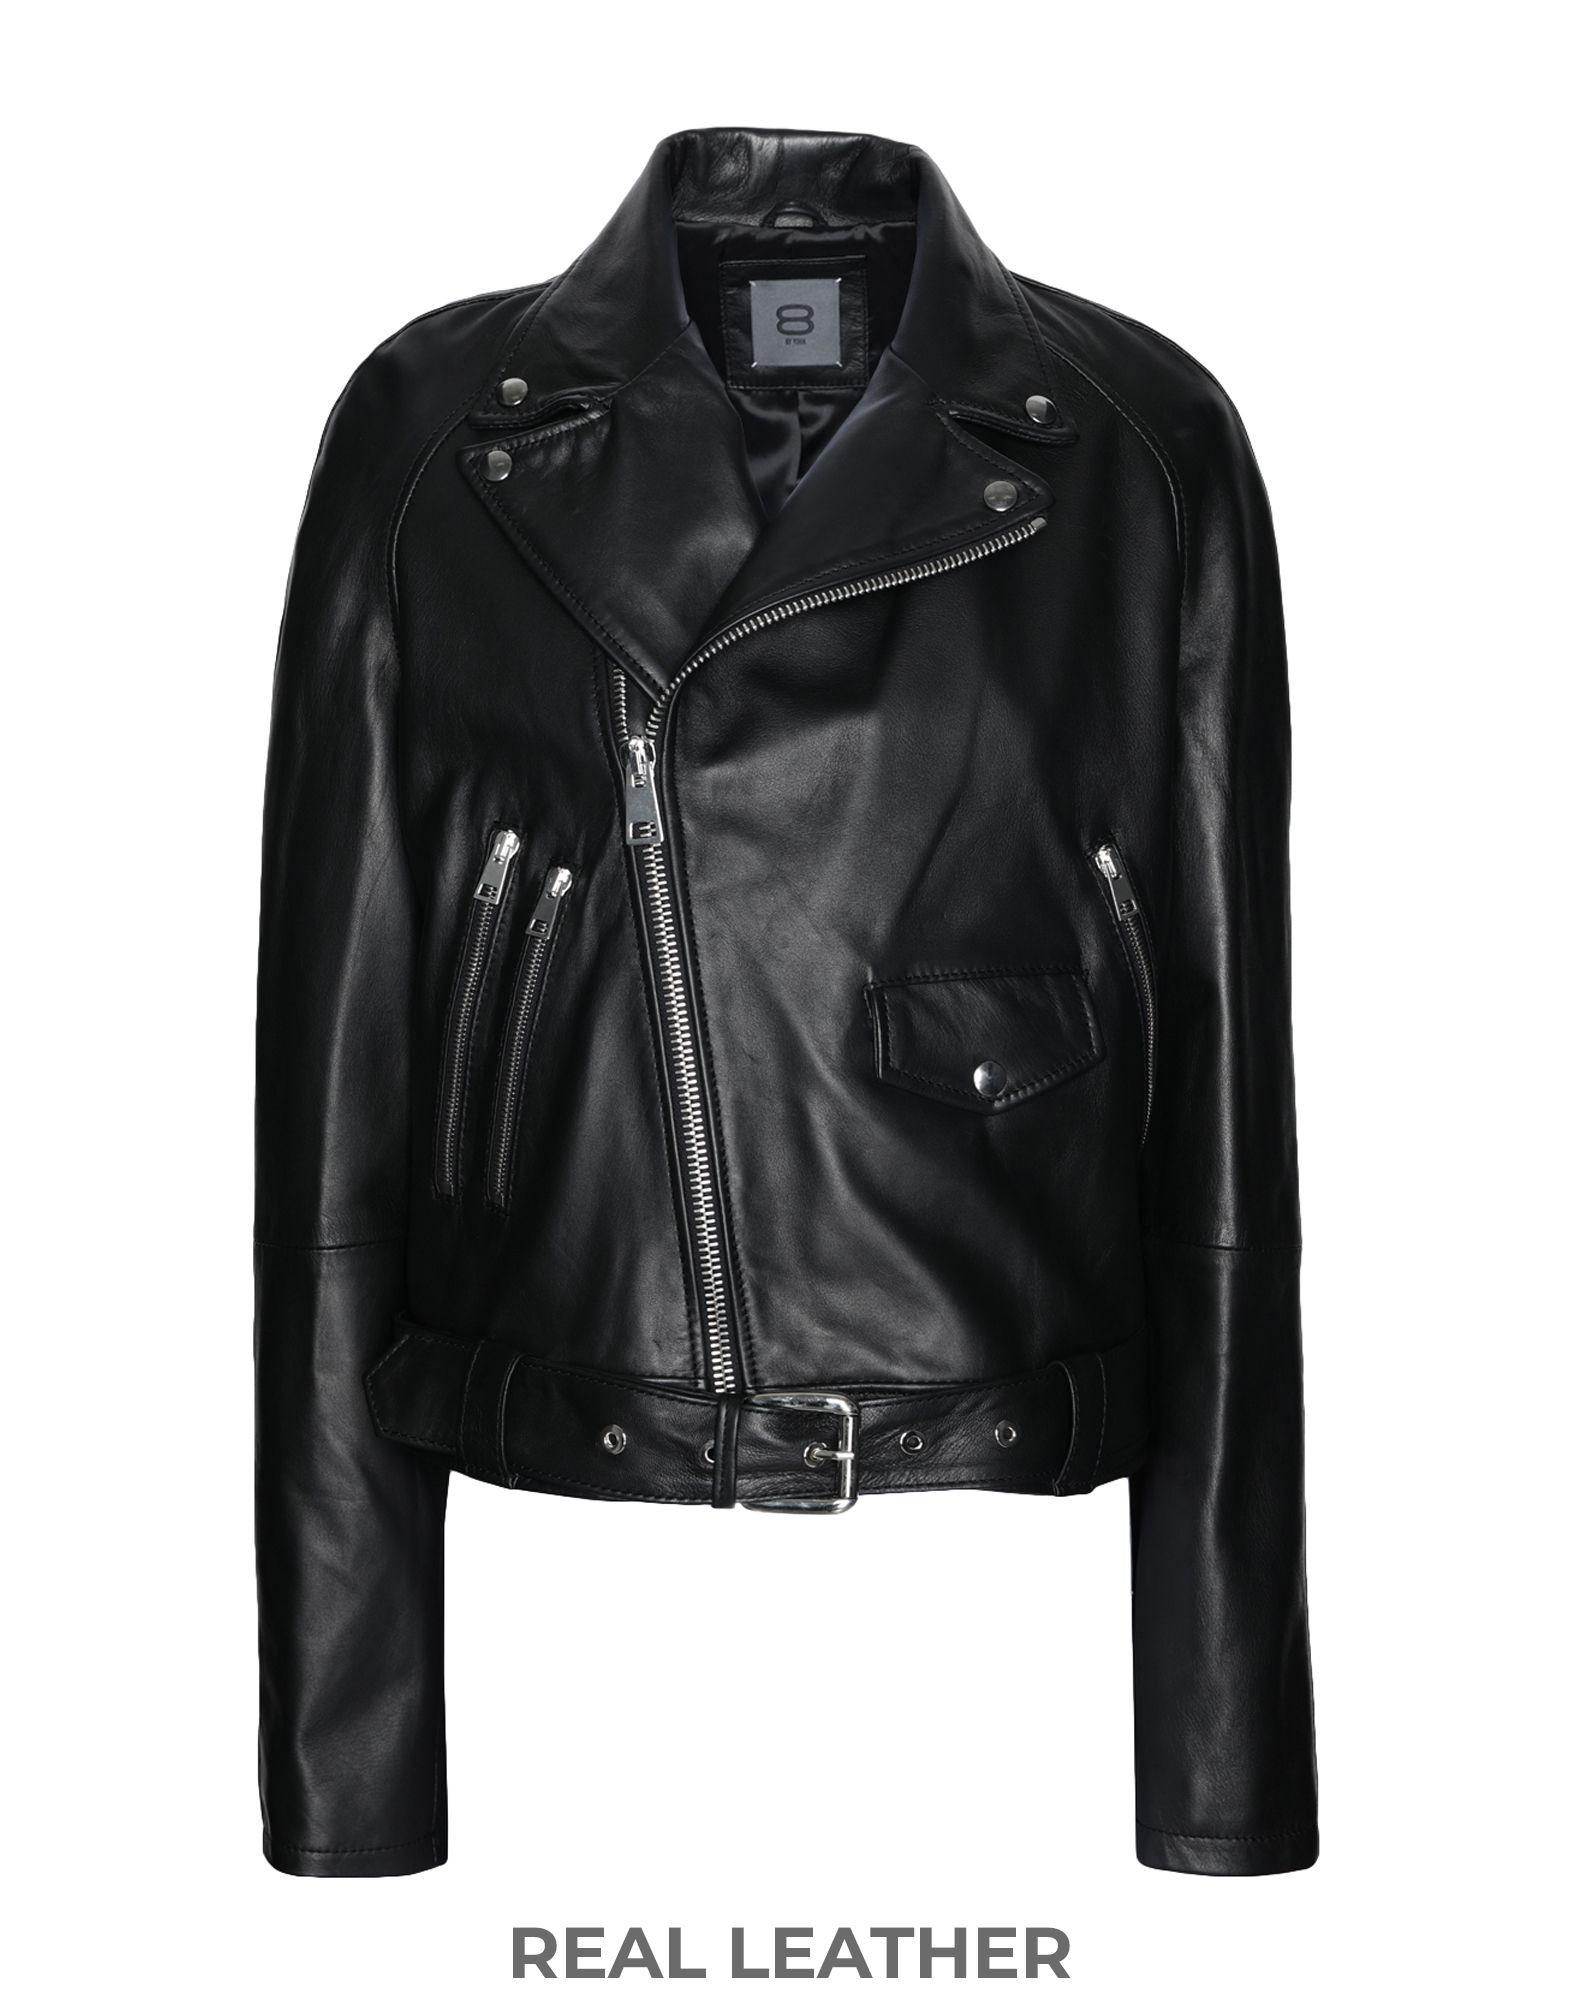 8 by YOOX Куртка двуцетная кожаная куртка косуха на молнии